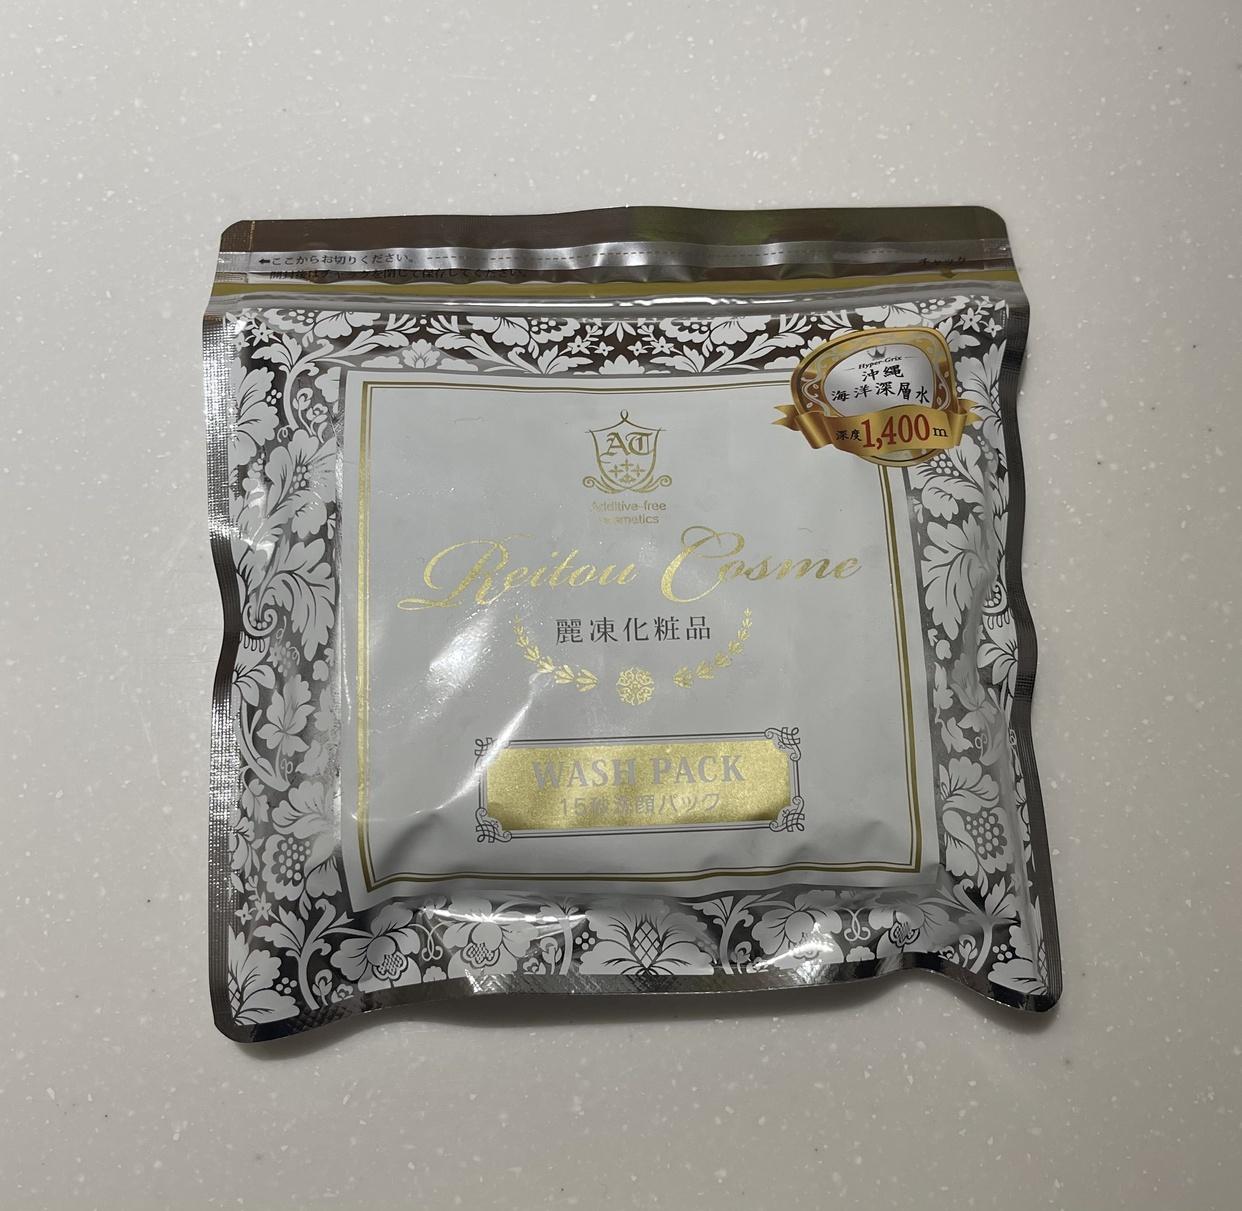 麗凍化粧品(Reitou Cosme) 15秒洗顔パックを使ったりーりさんのクチコミ画像2